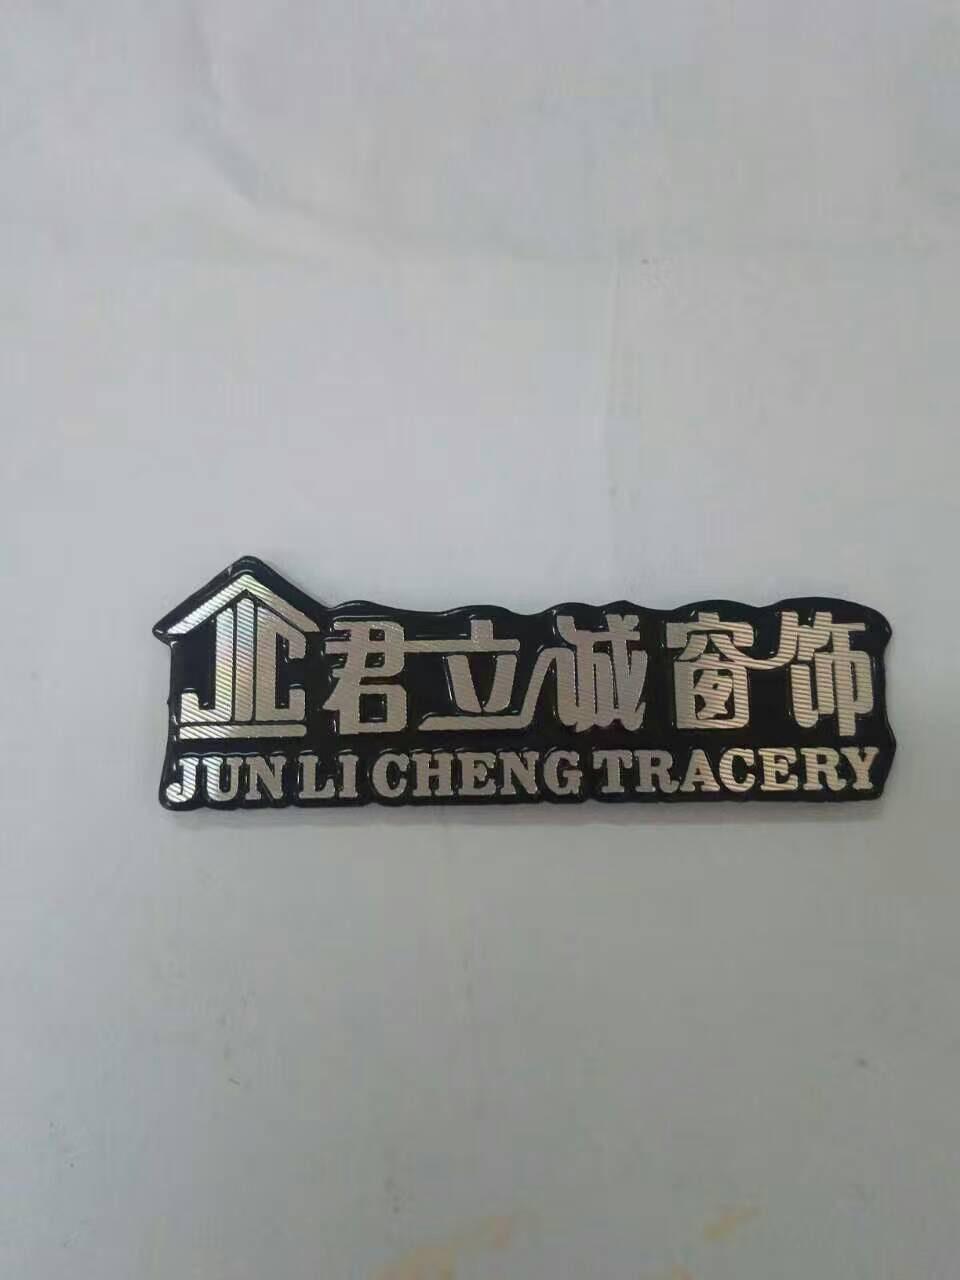 哪里买合格的标牌-淮阴标牌厂家